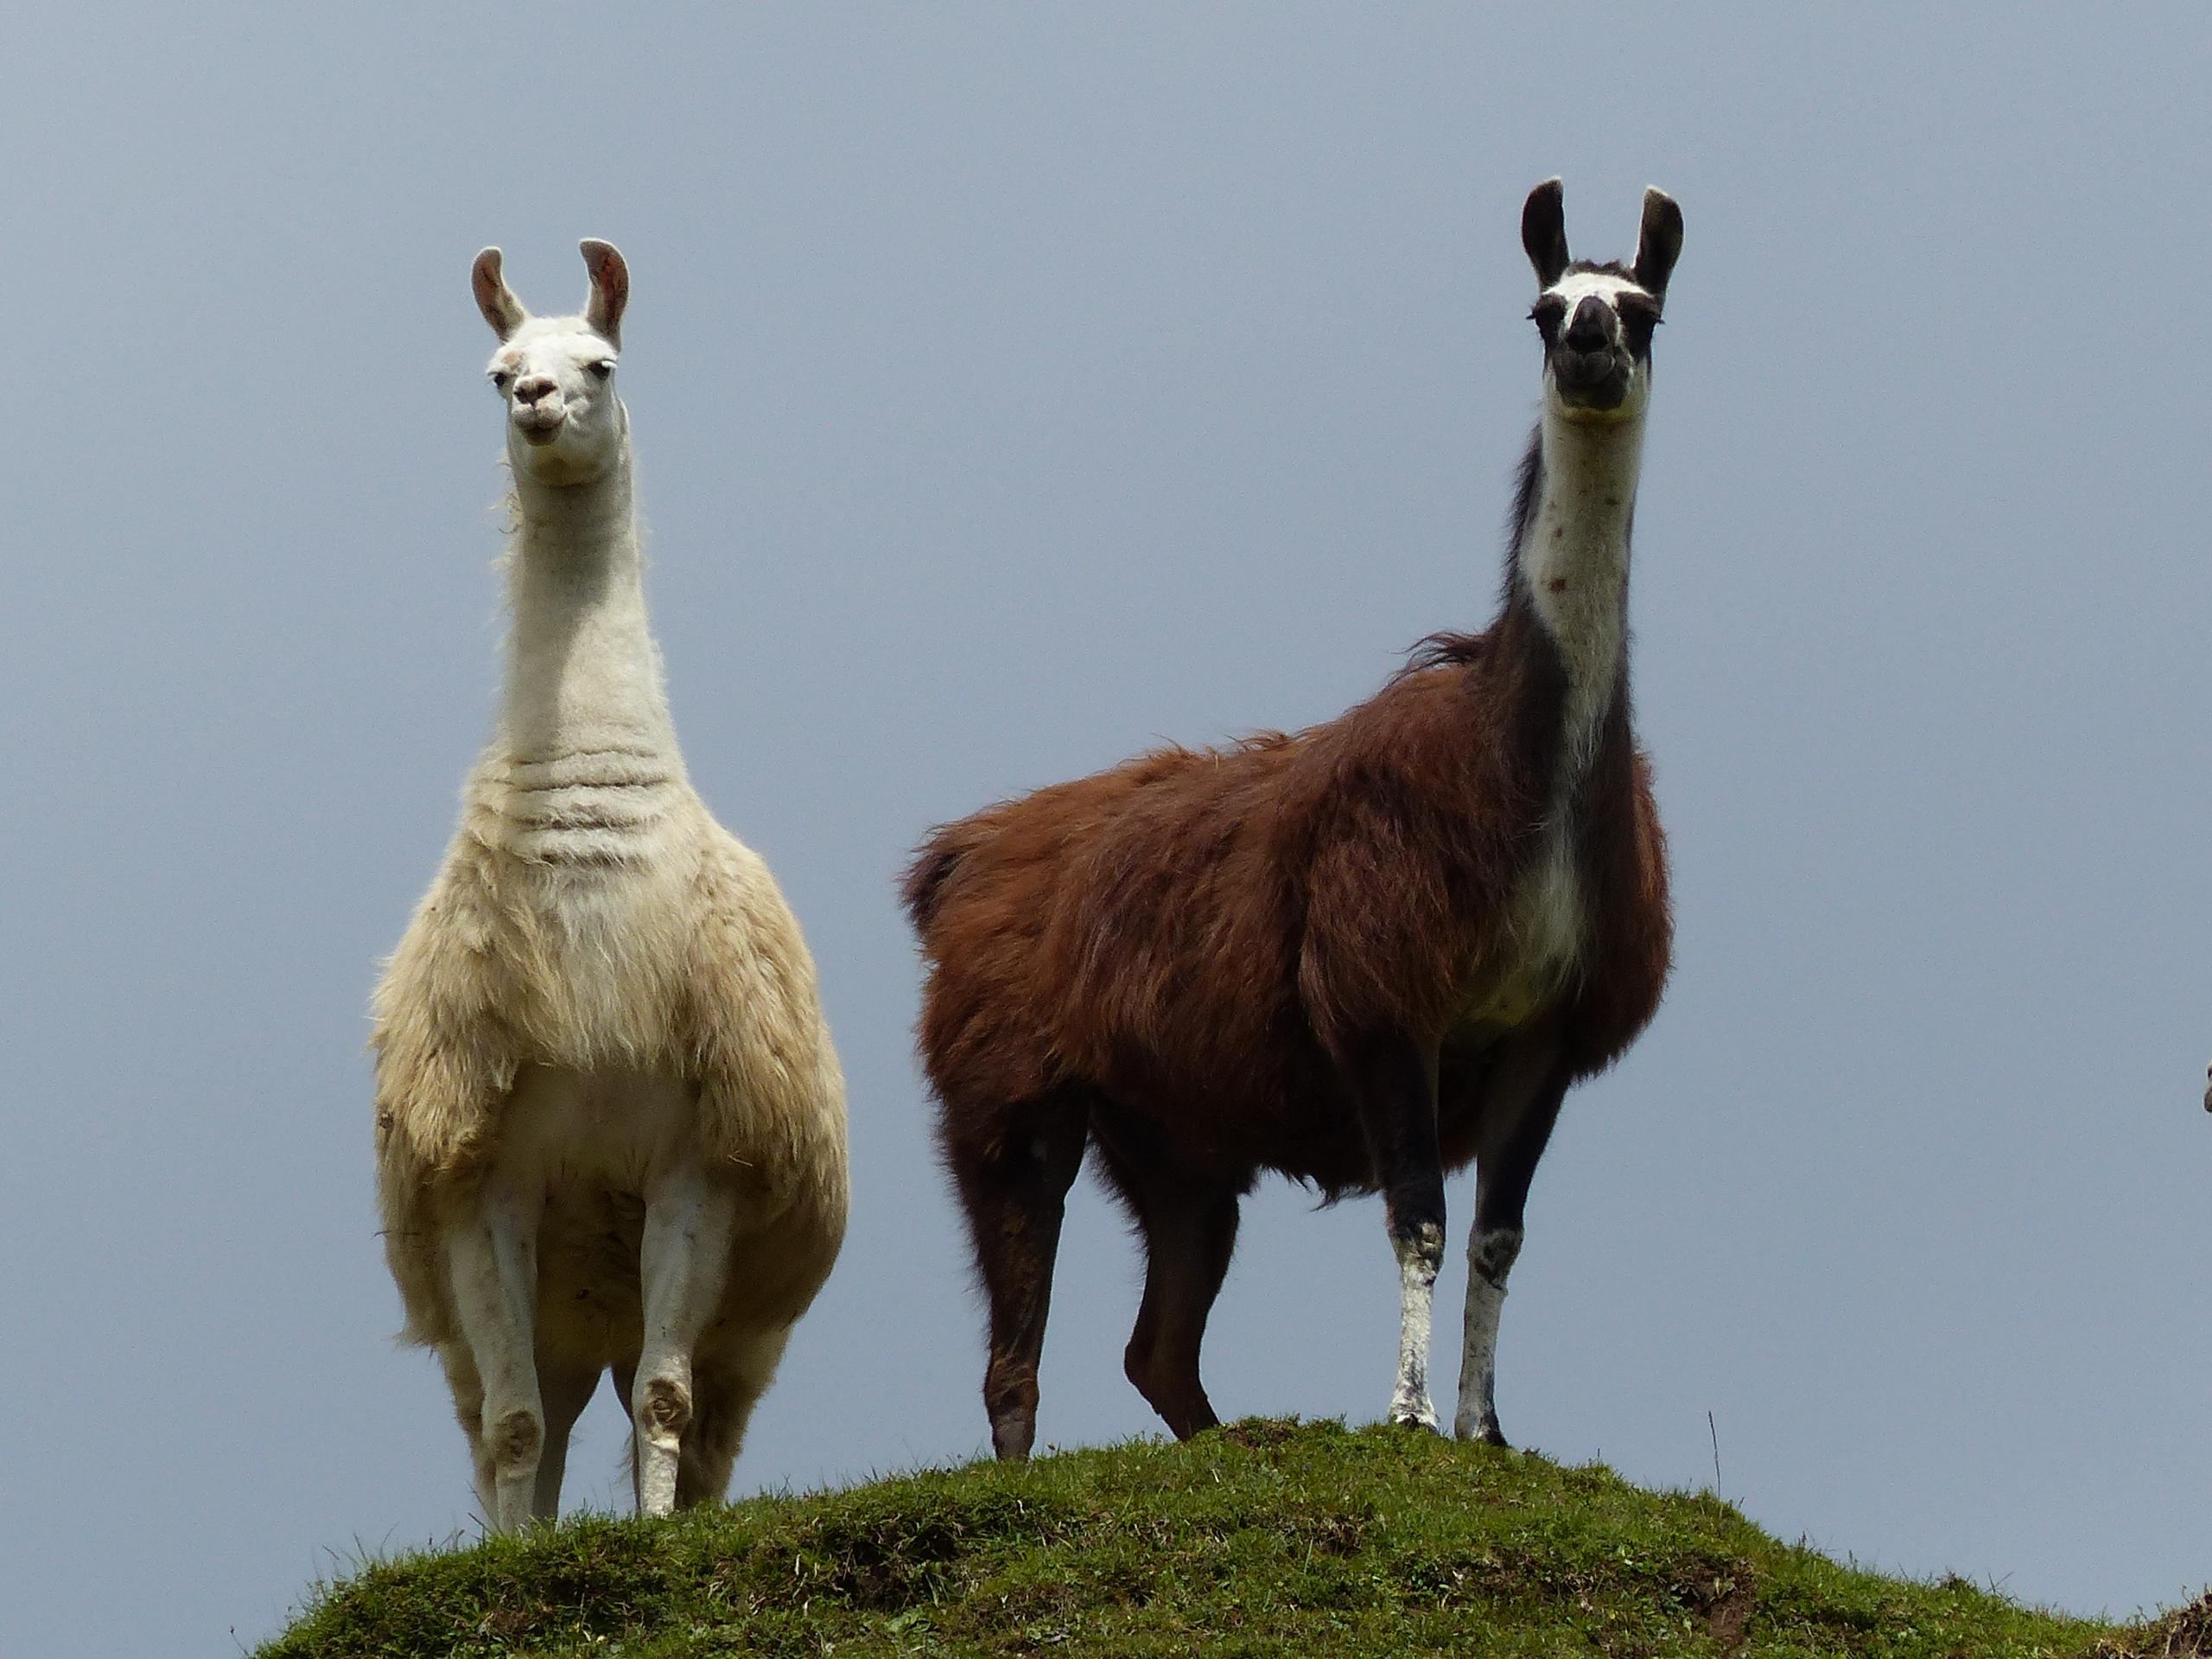 Grazil und anmutig stehen die Lamas immer in Erwartungshaltung, ob Gefahr für ihre Herde droht.